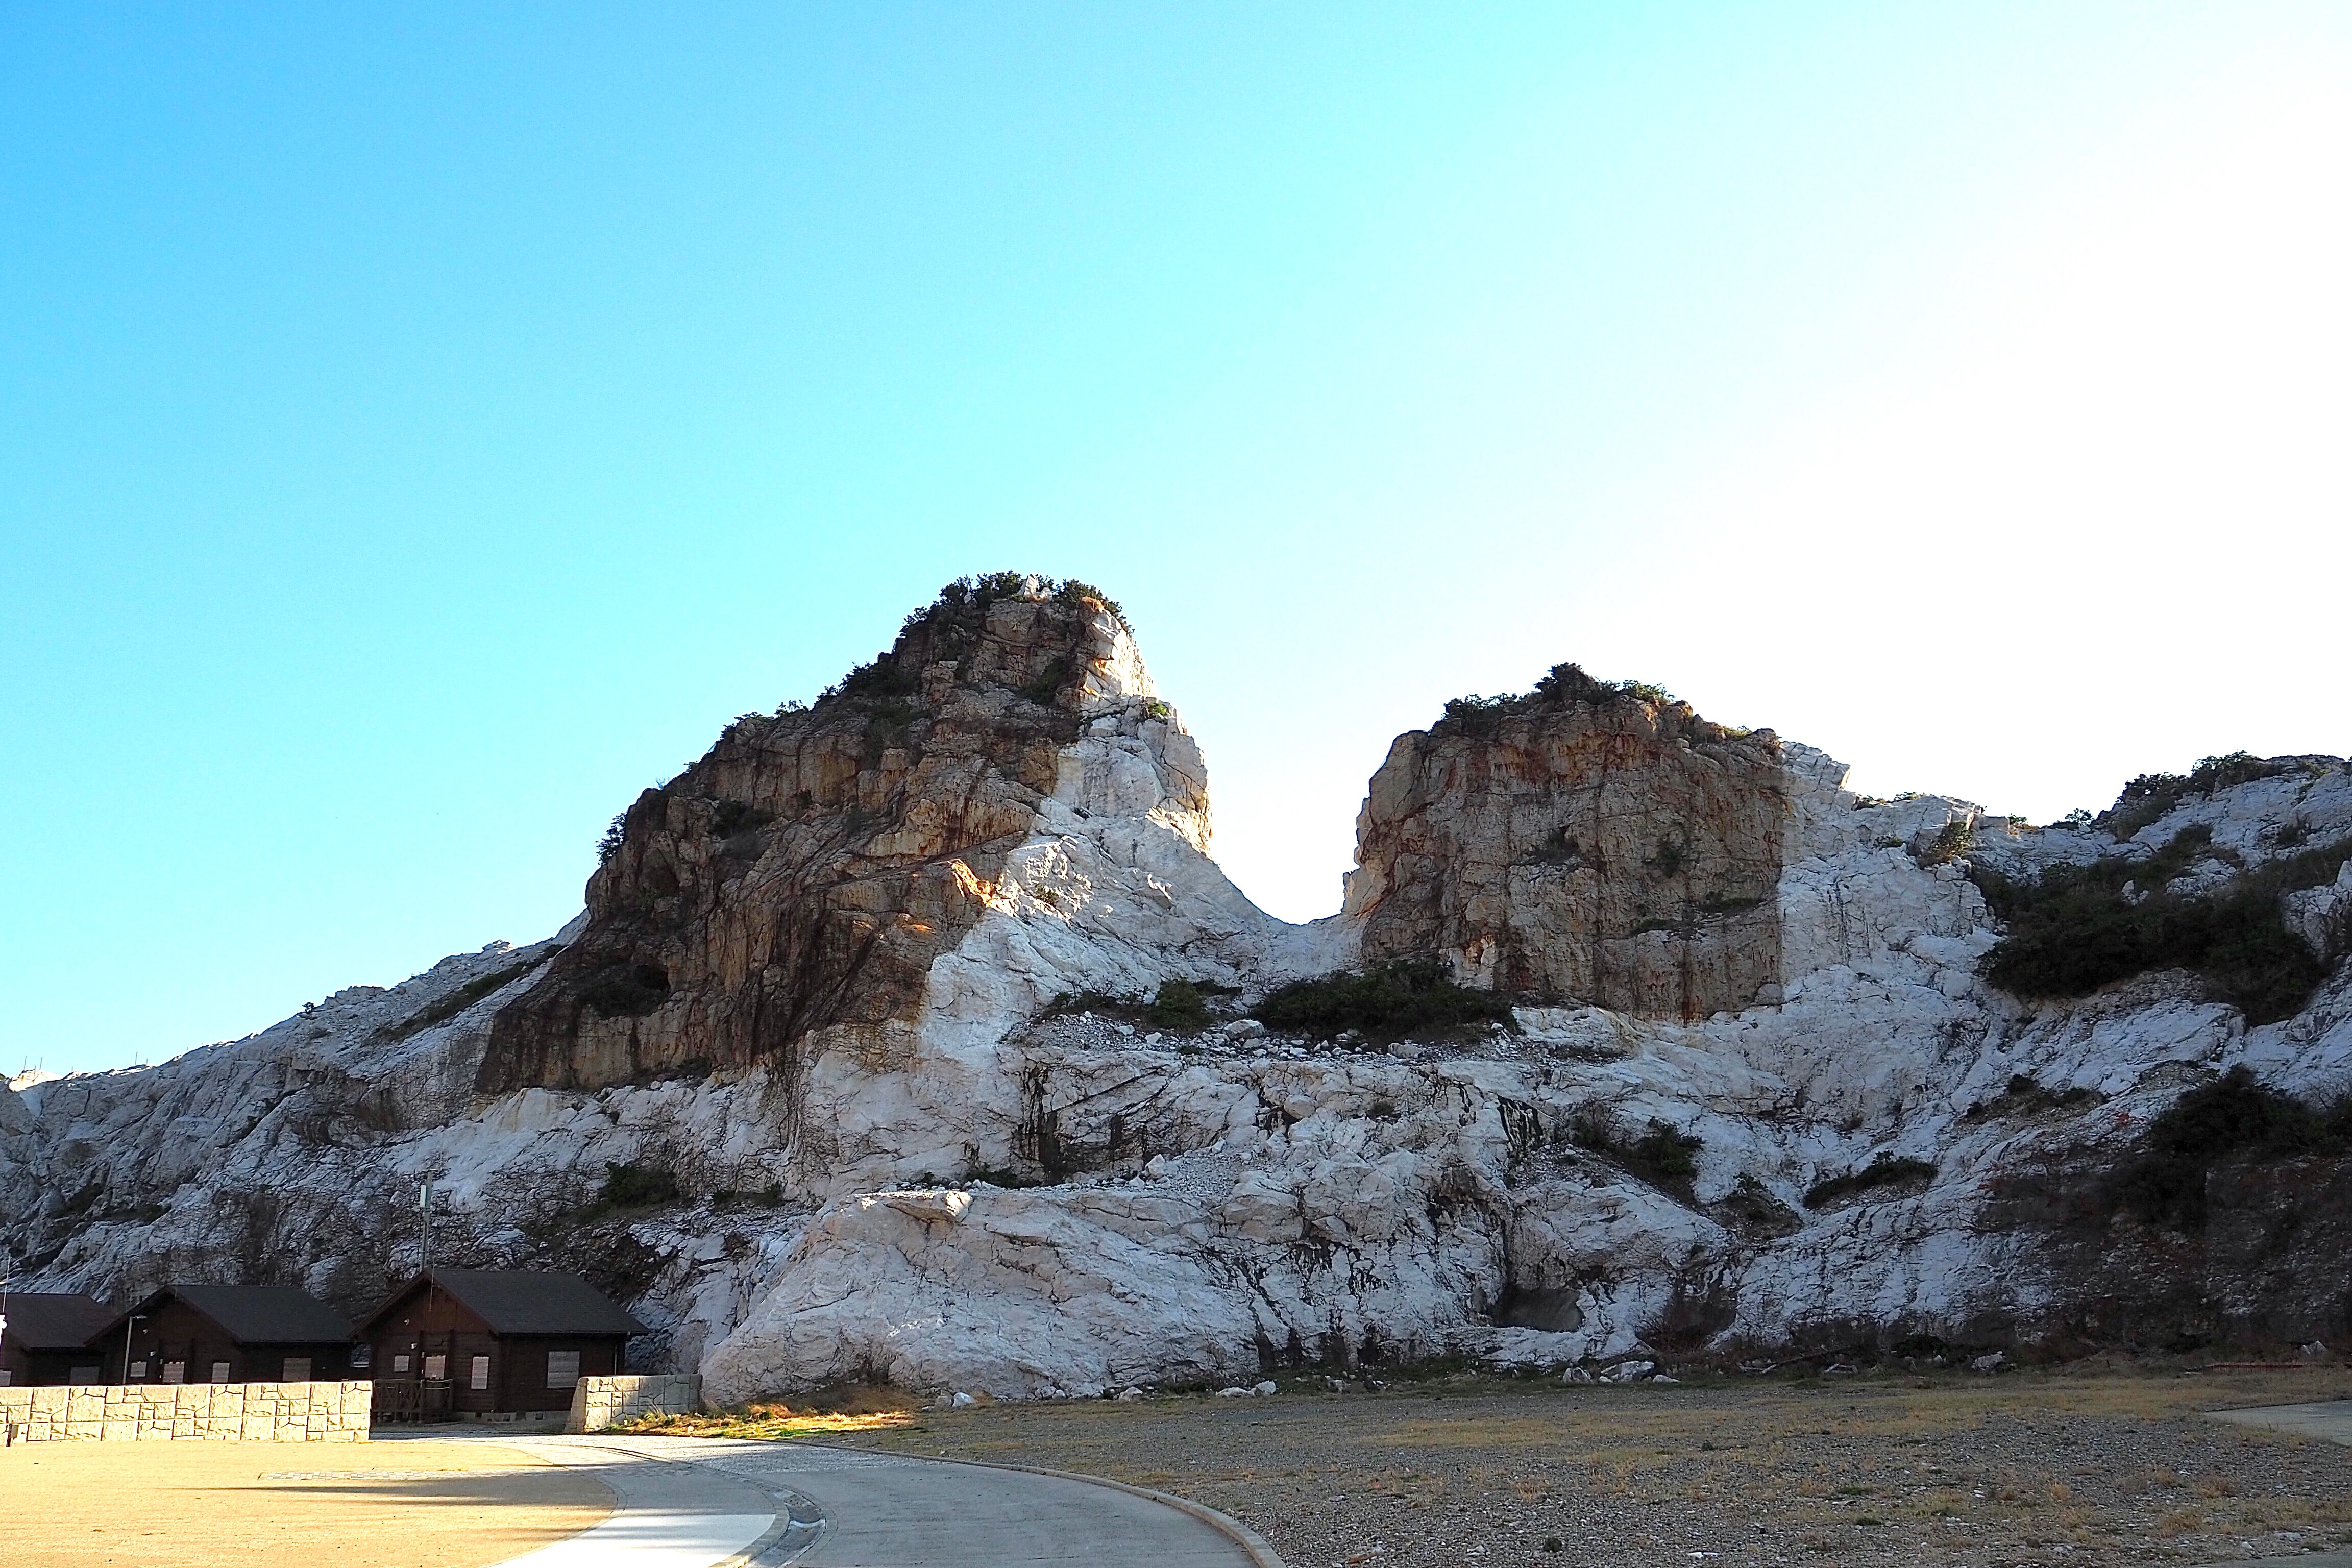 ぴーきち&ダイナ 和歌山湯浅ツーリング 白崎海洋公園 バンガロー